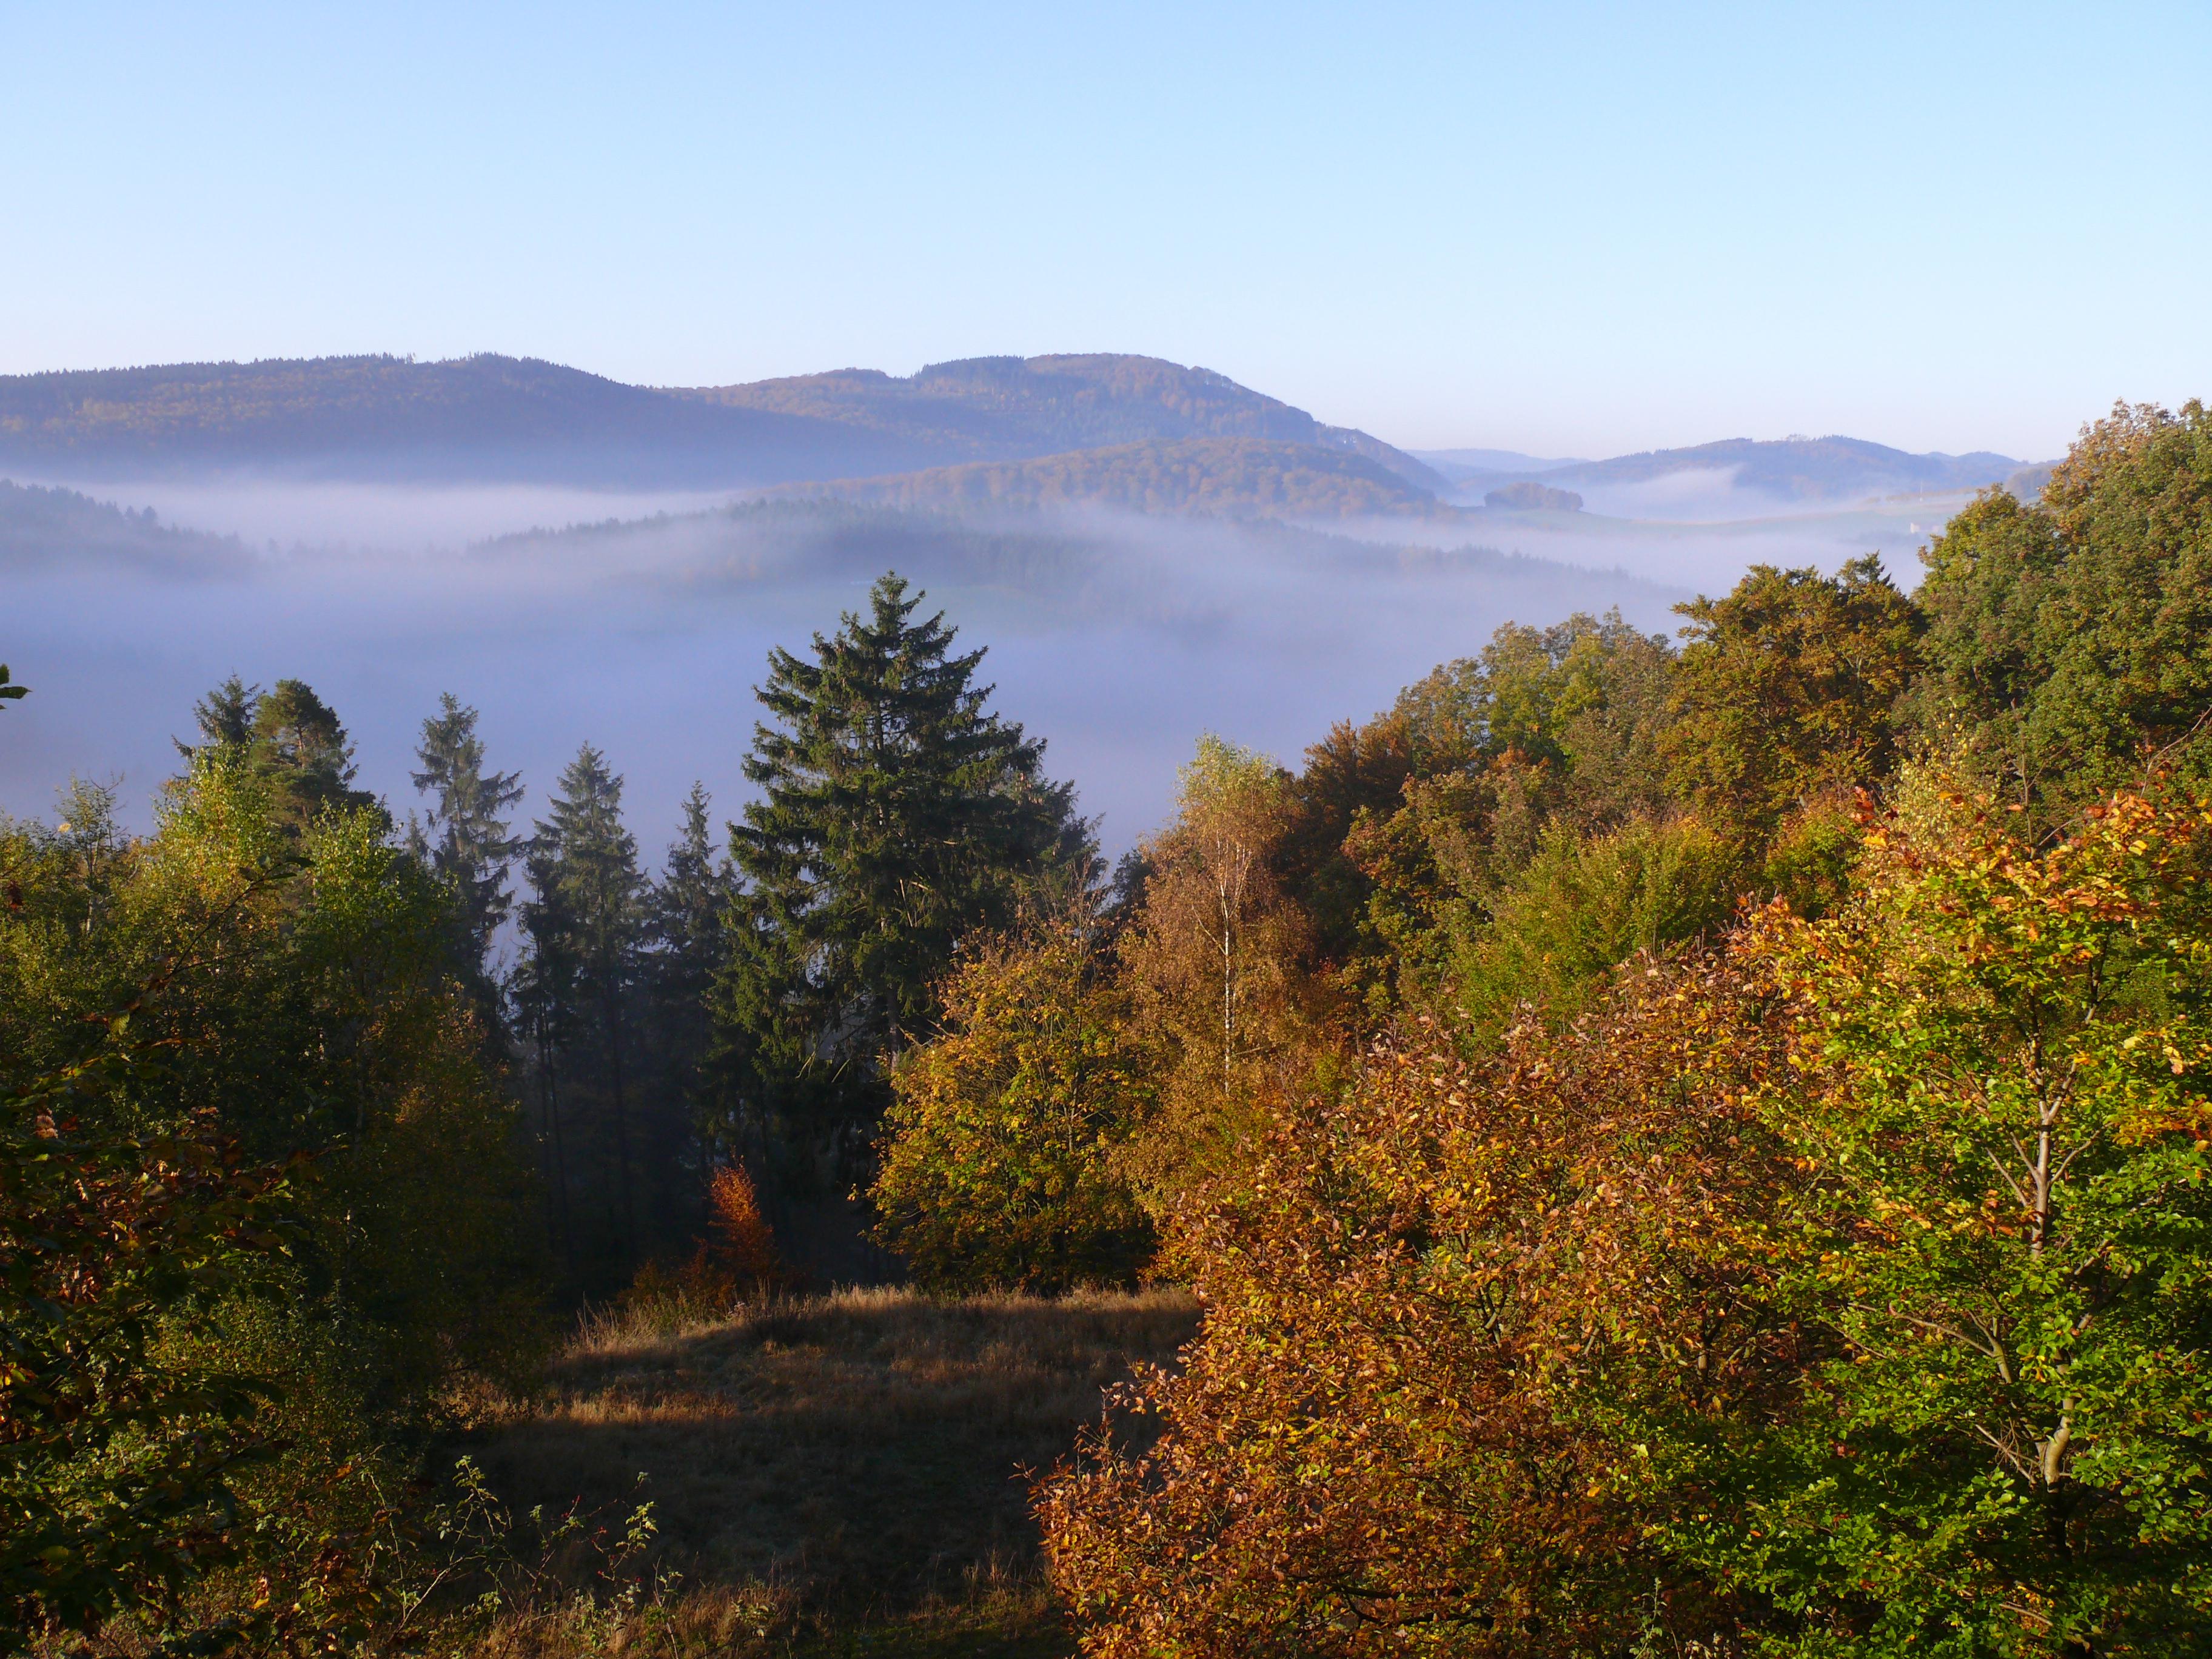 Mischwald im Sauerland zur Herbstzeit. Deutschland befindet sich in einer gemäßigten Klimazone.